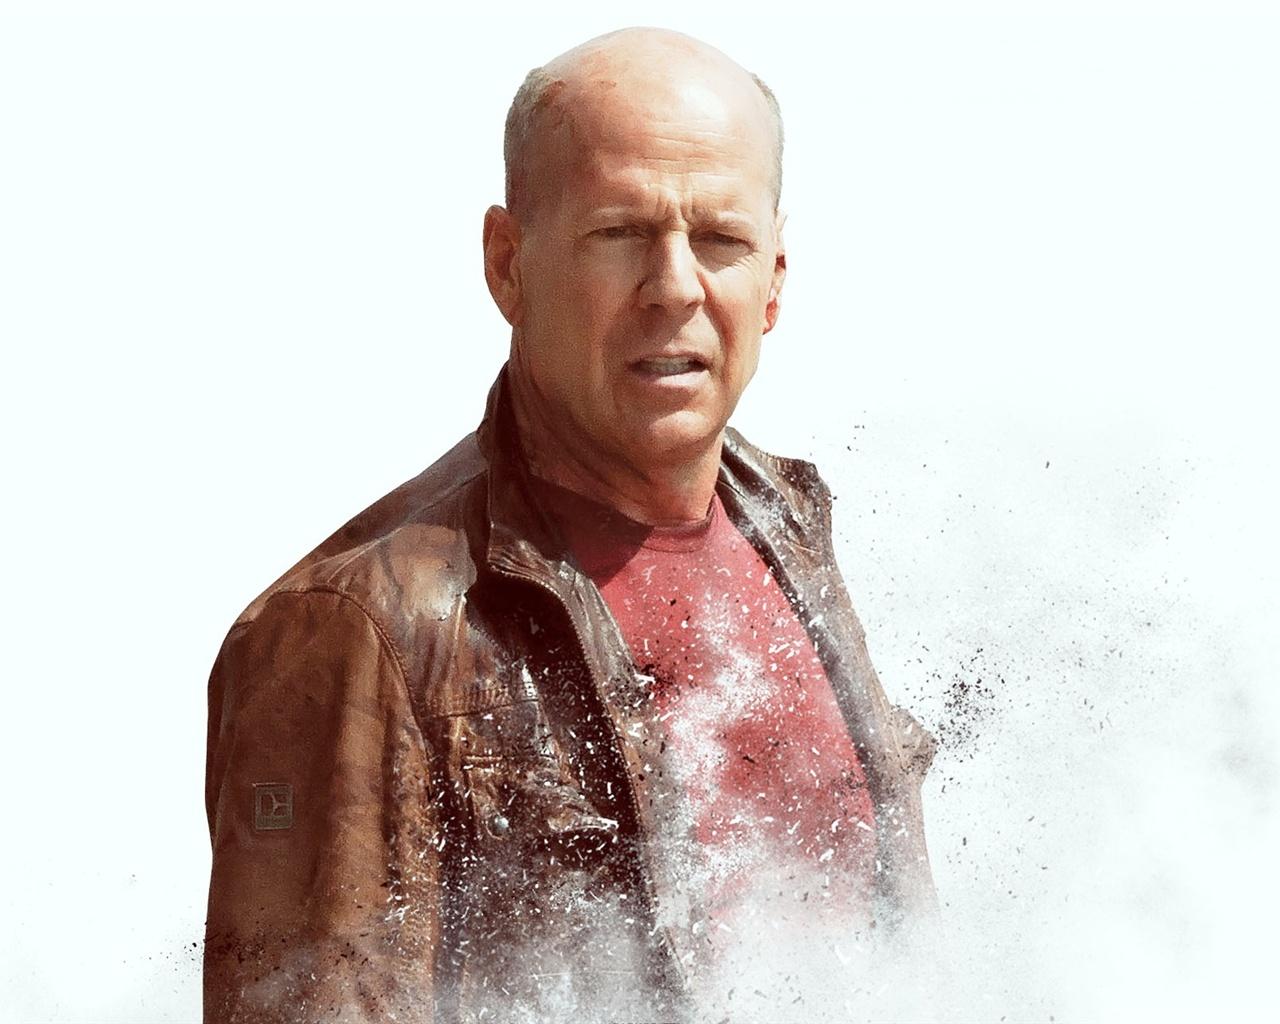 ルーパー、ブルース·ウィリス 壁紙   1280x1024 壁紙ダウンロード   JA.Best-Wallpaper.Net Bruce Willis